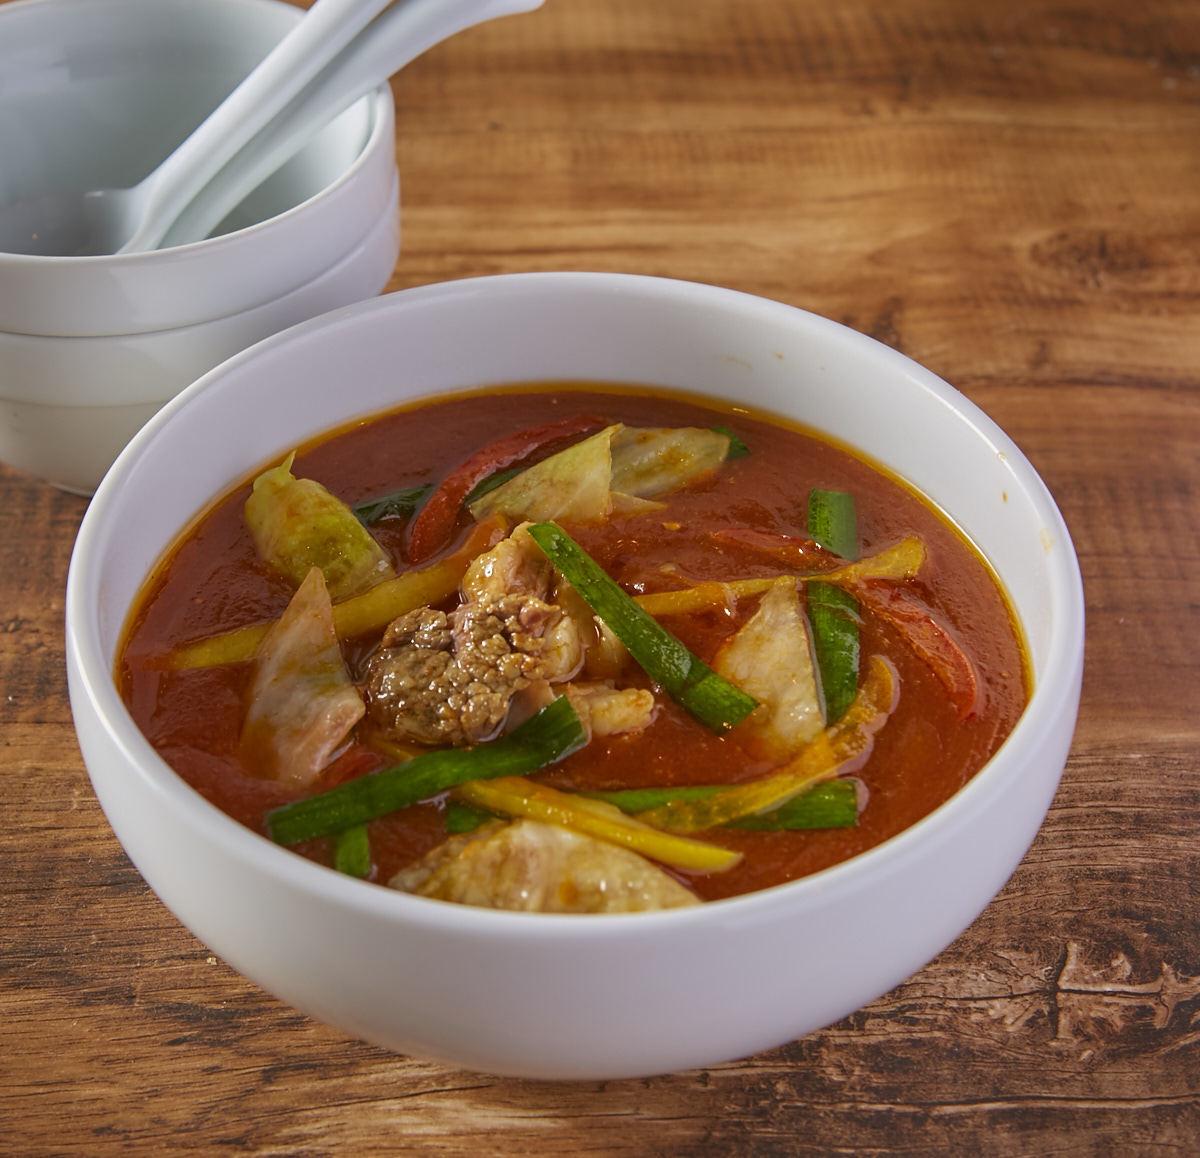 Yukkejan soup